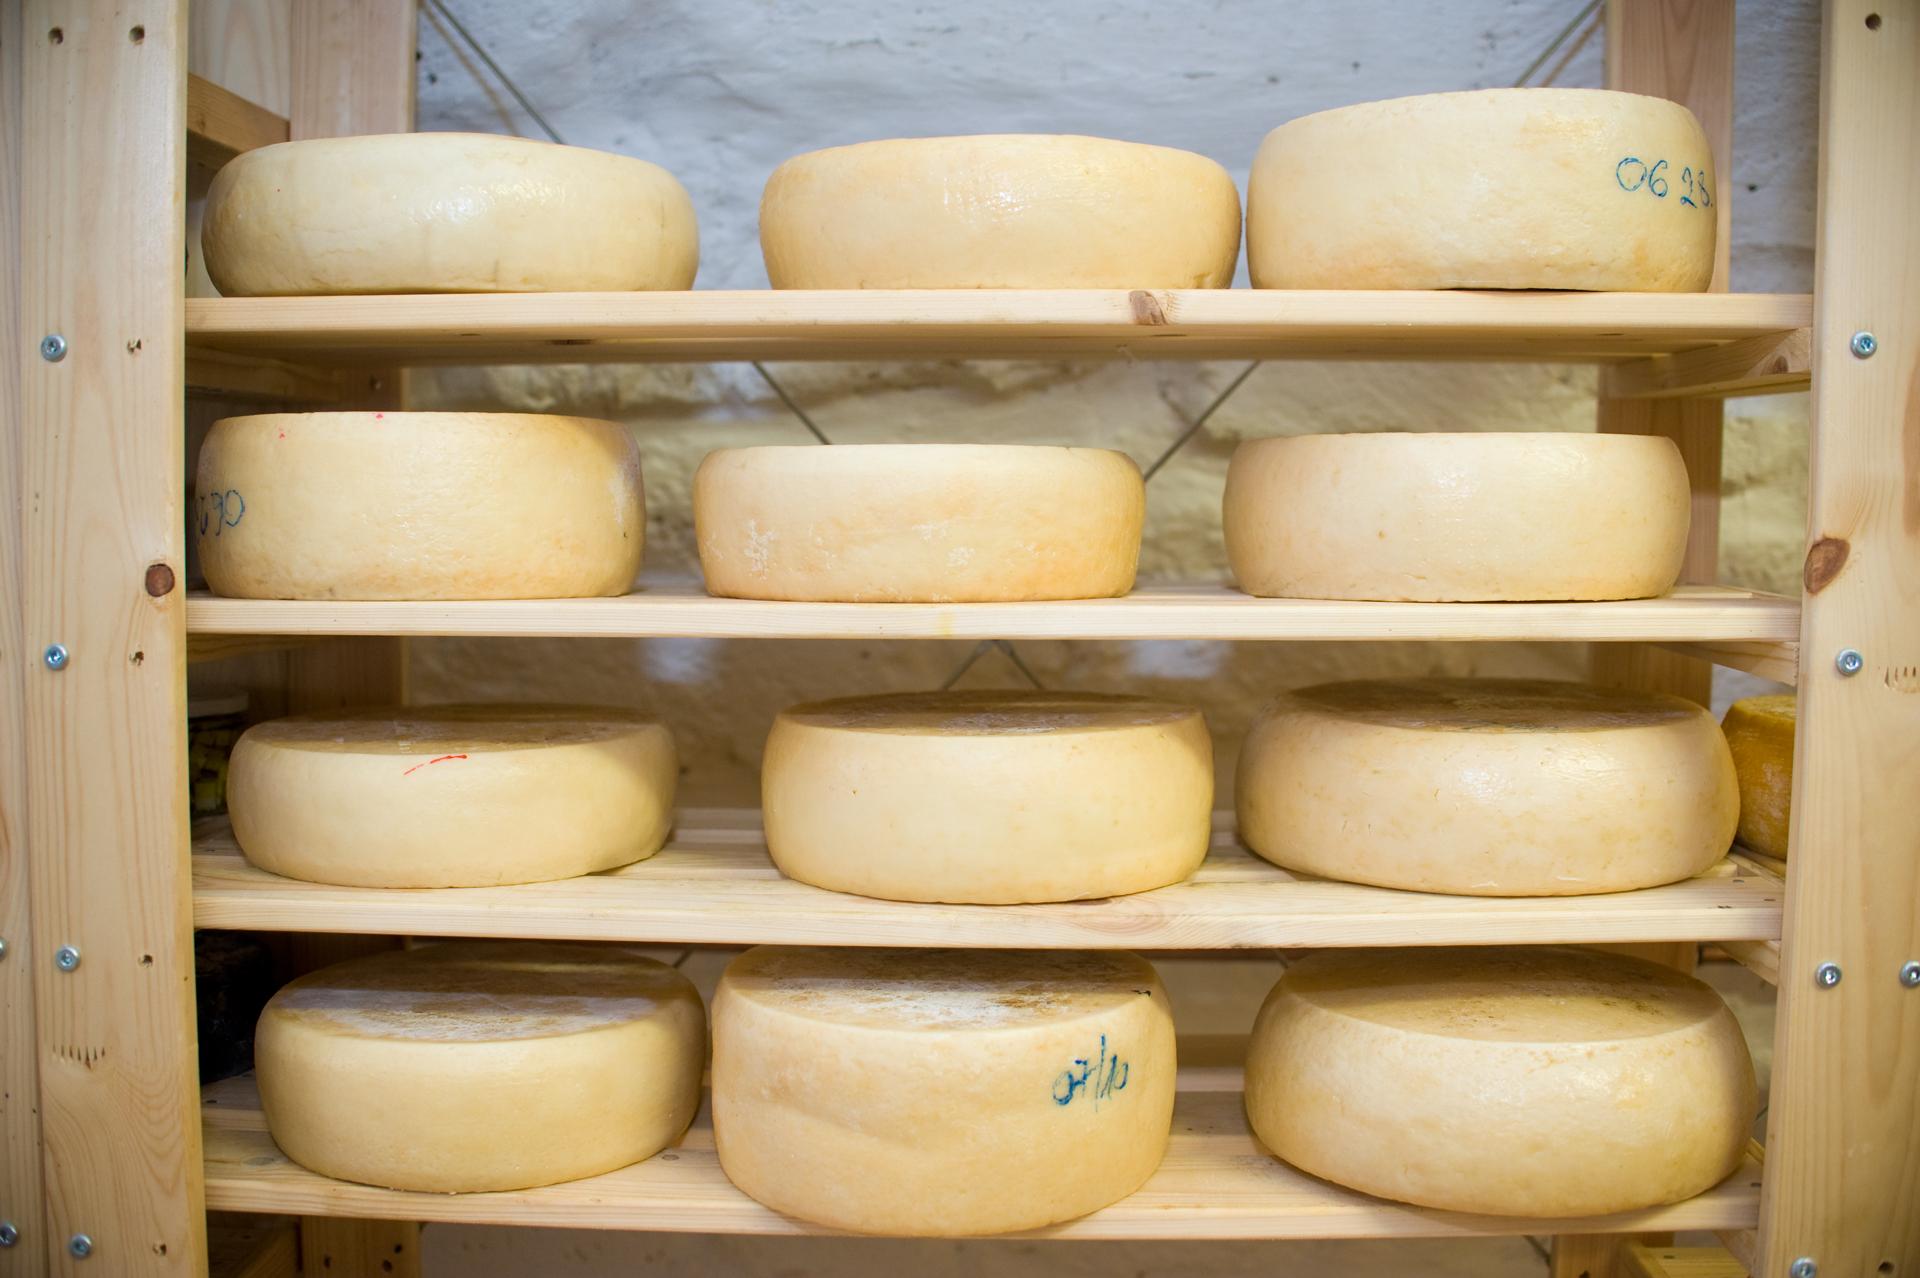 Érlelt sajtok a polcon